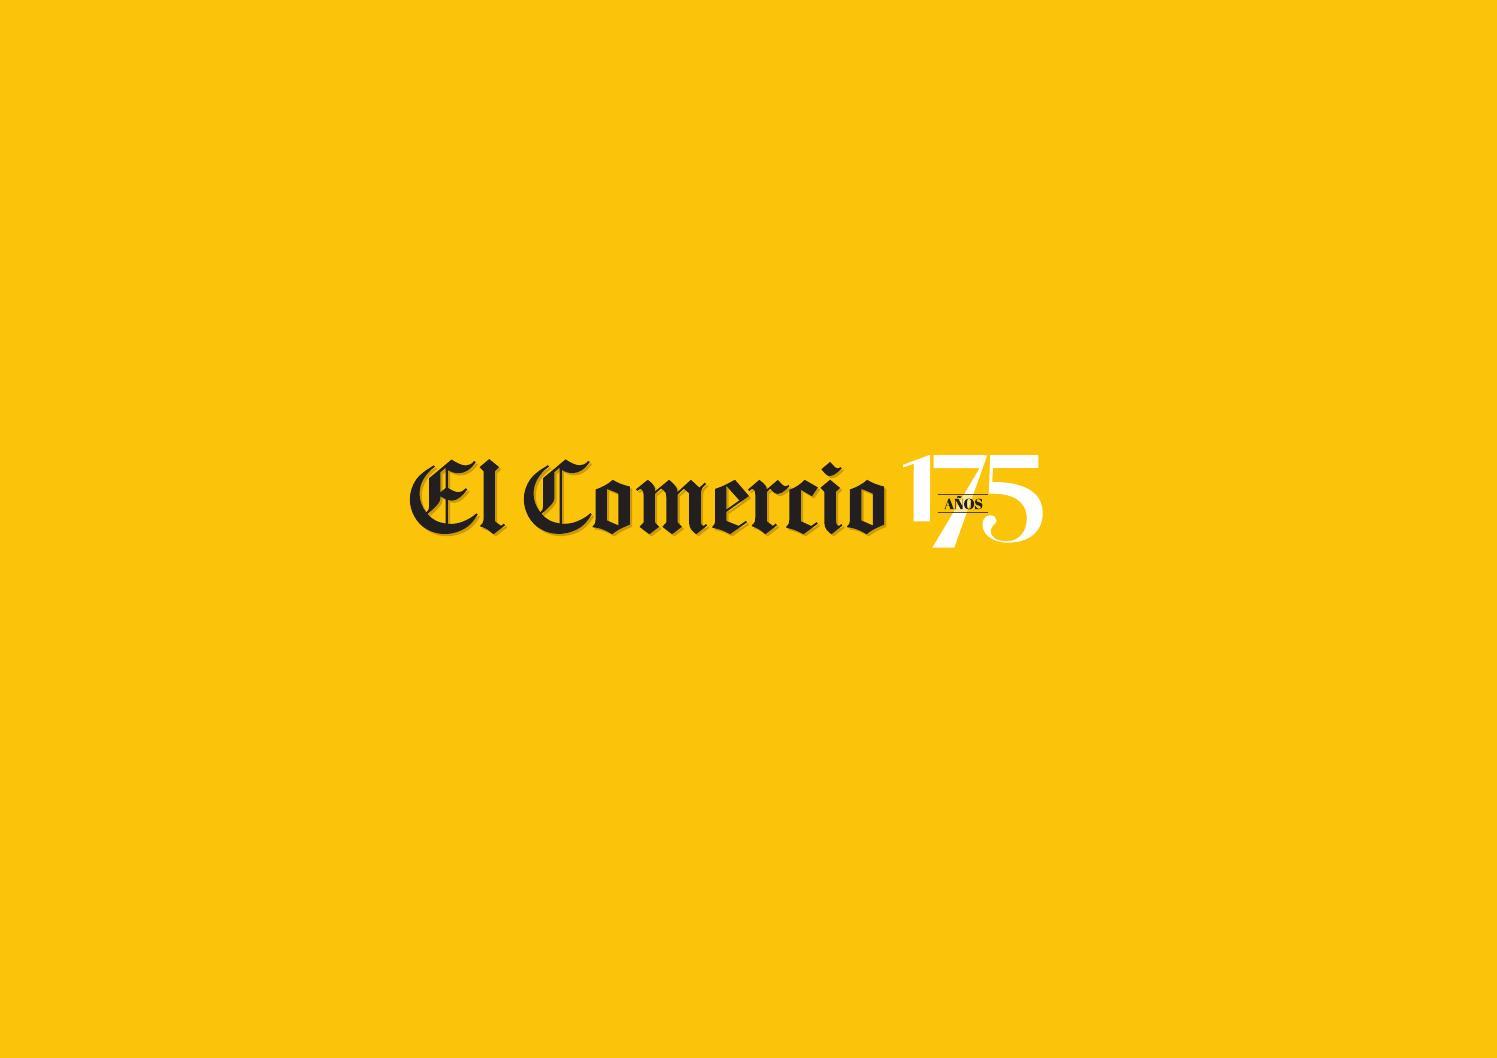 Formato no convencional cam7 by Diario El Comercio - issuu